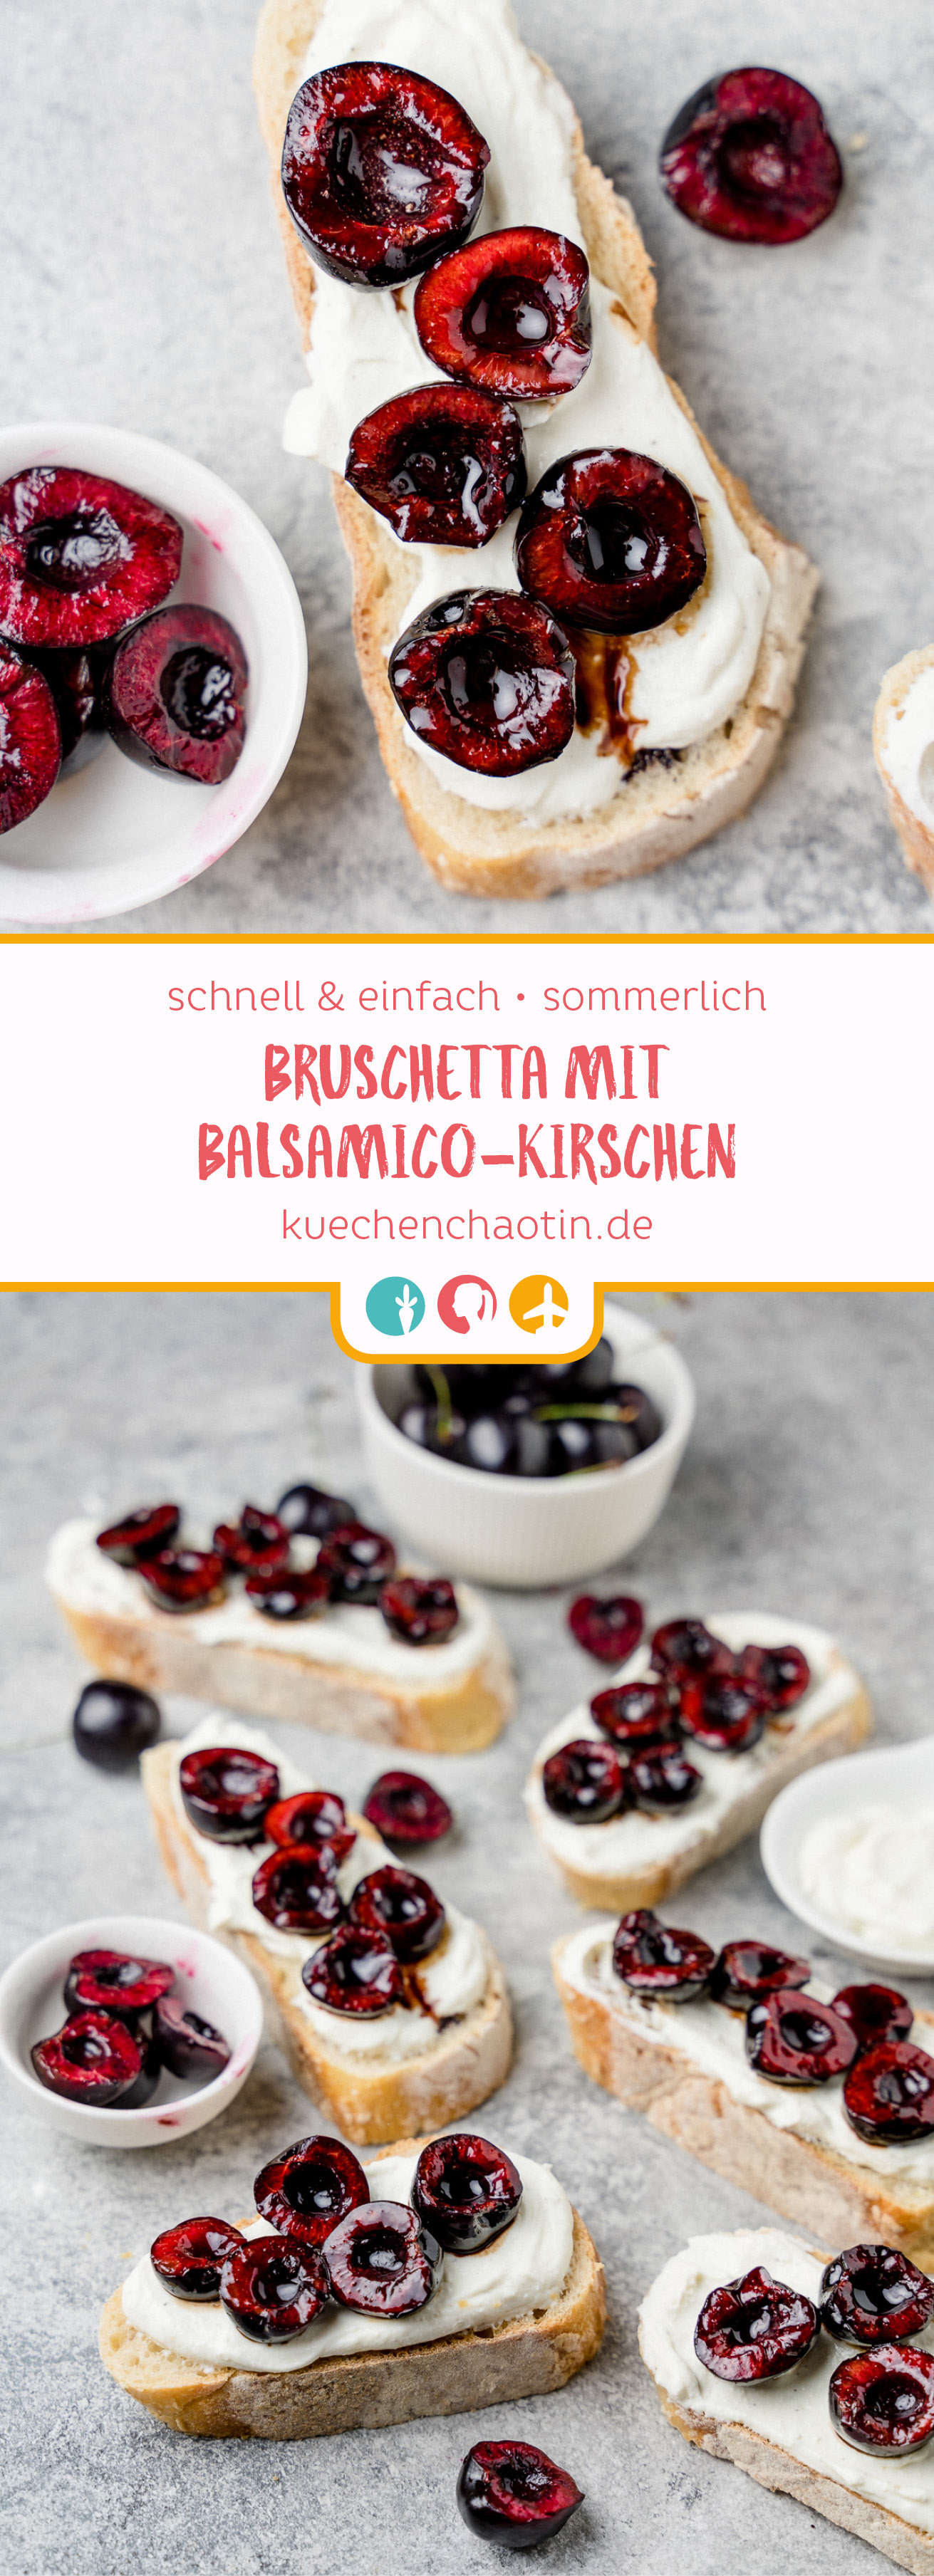 Bruschetta mit Balsamico-Kirschen - https://kuechenchaotin.de